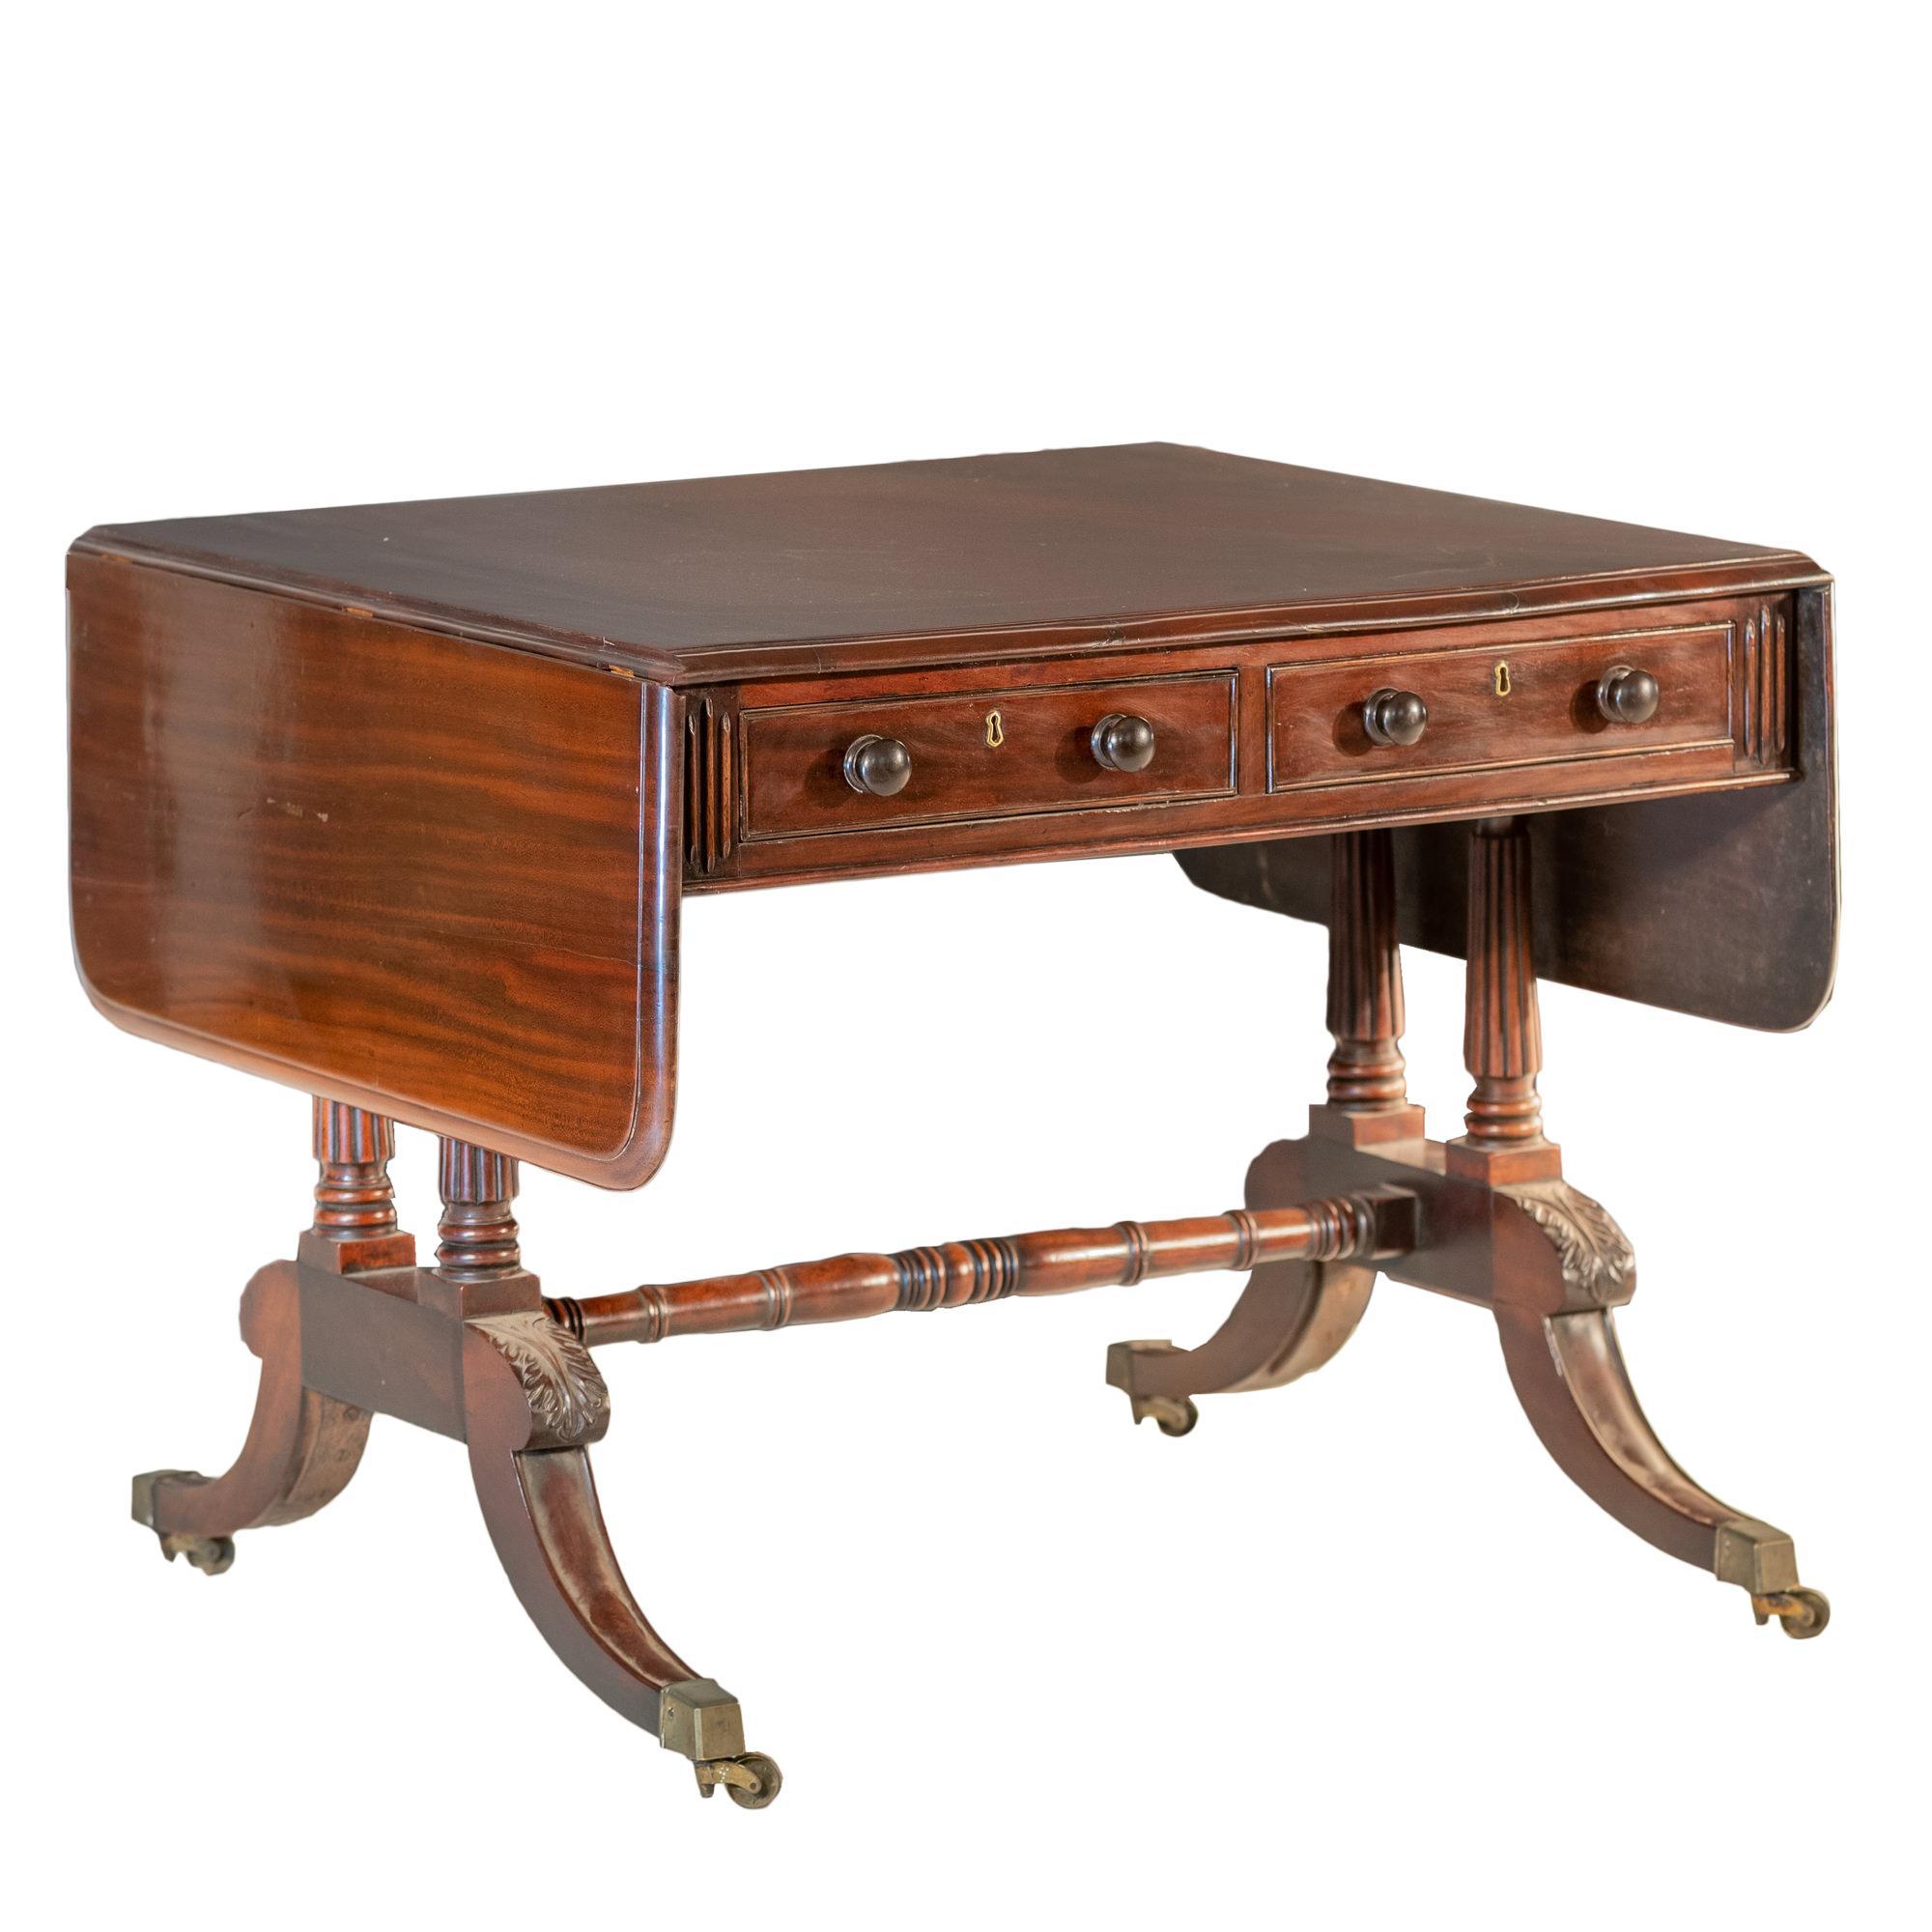 'Regency Mahogany Sofa Table 19th Century'